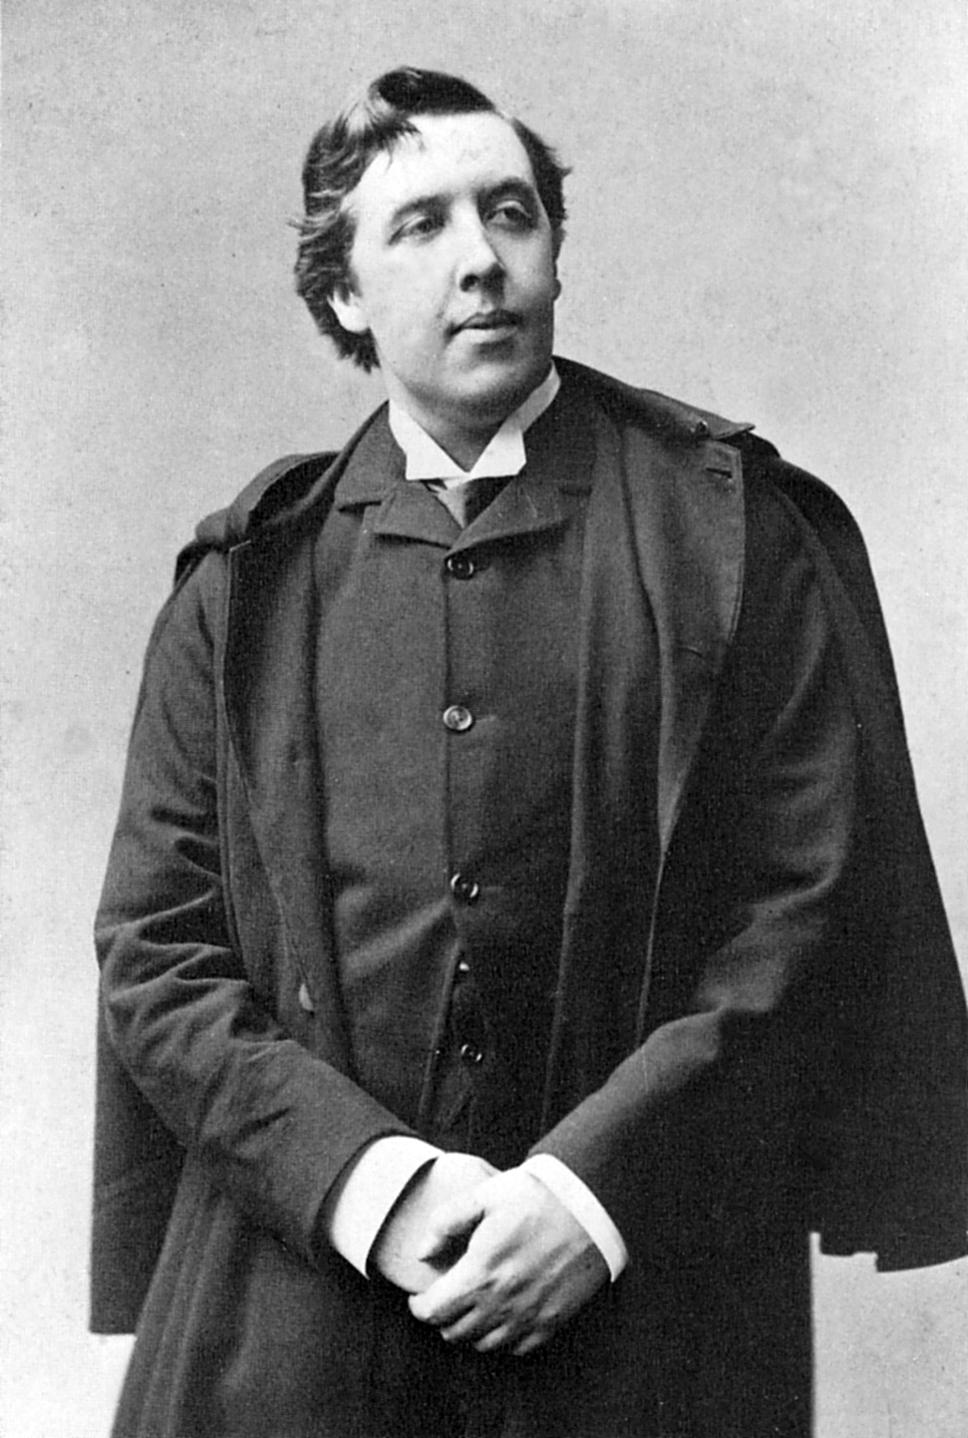 Oscar_wilde_1890